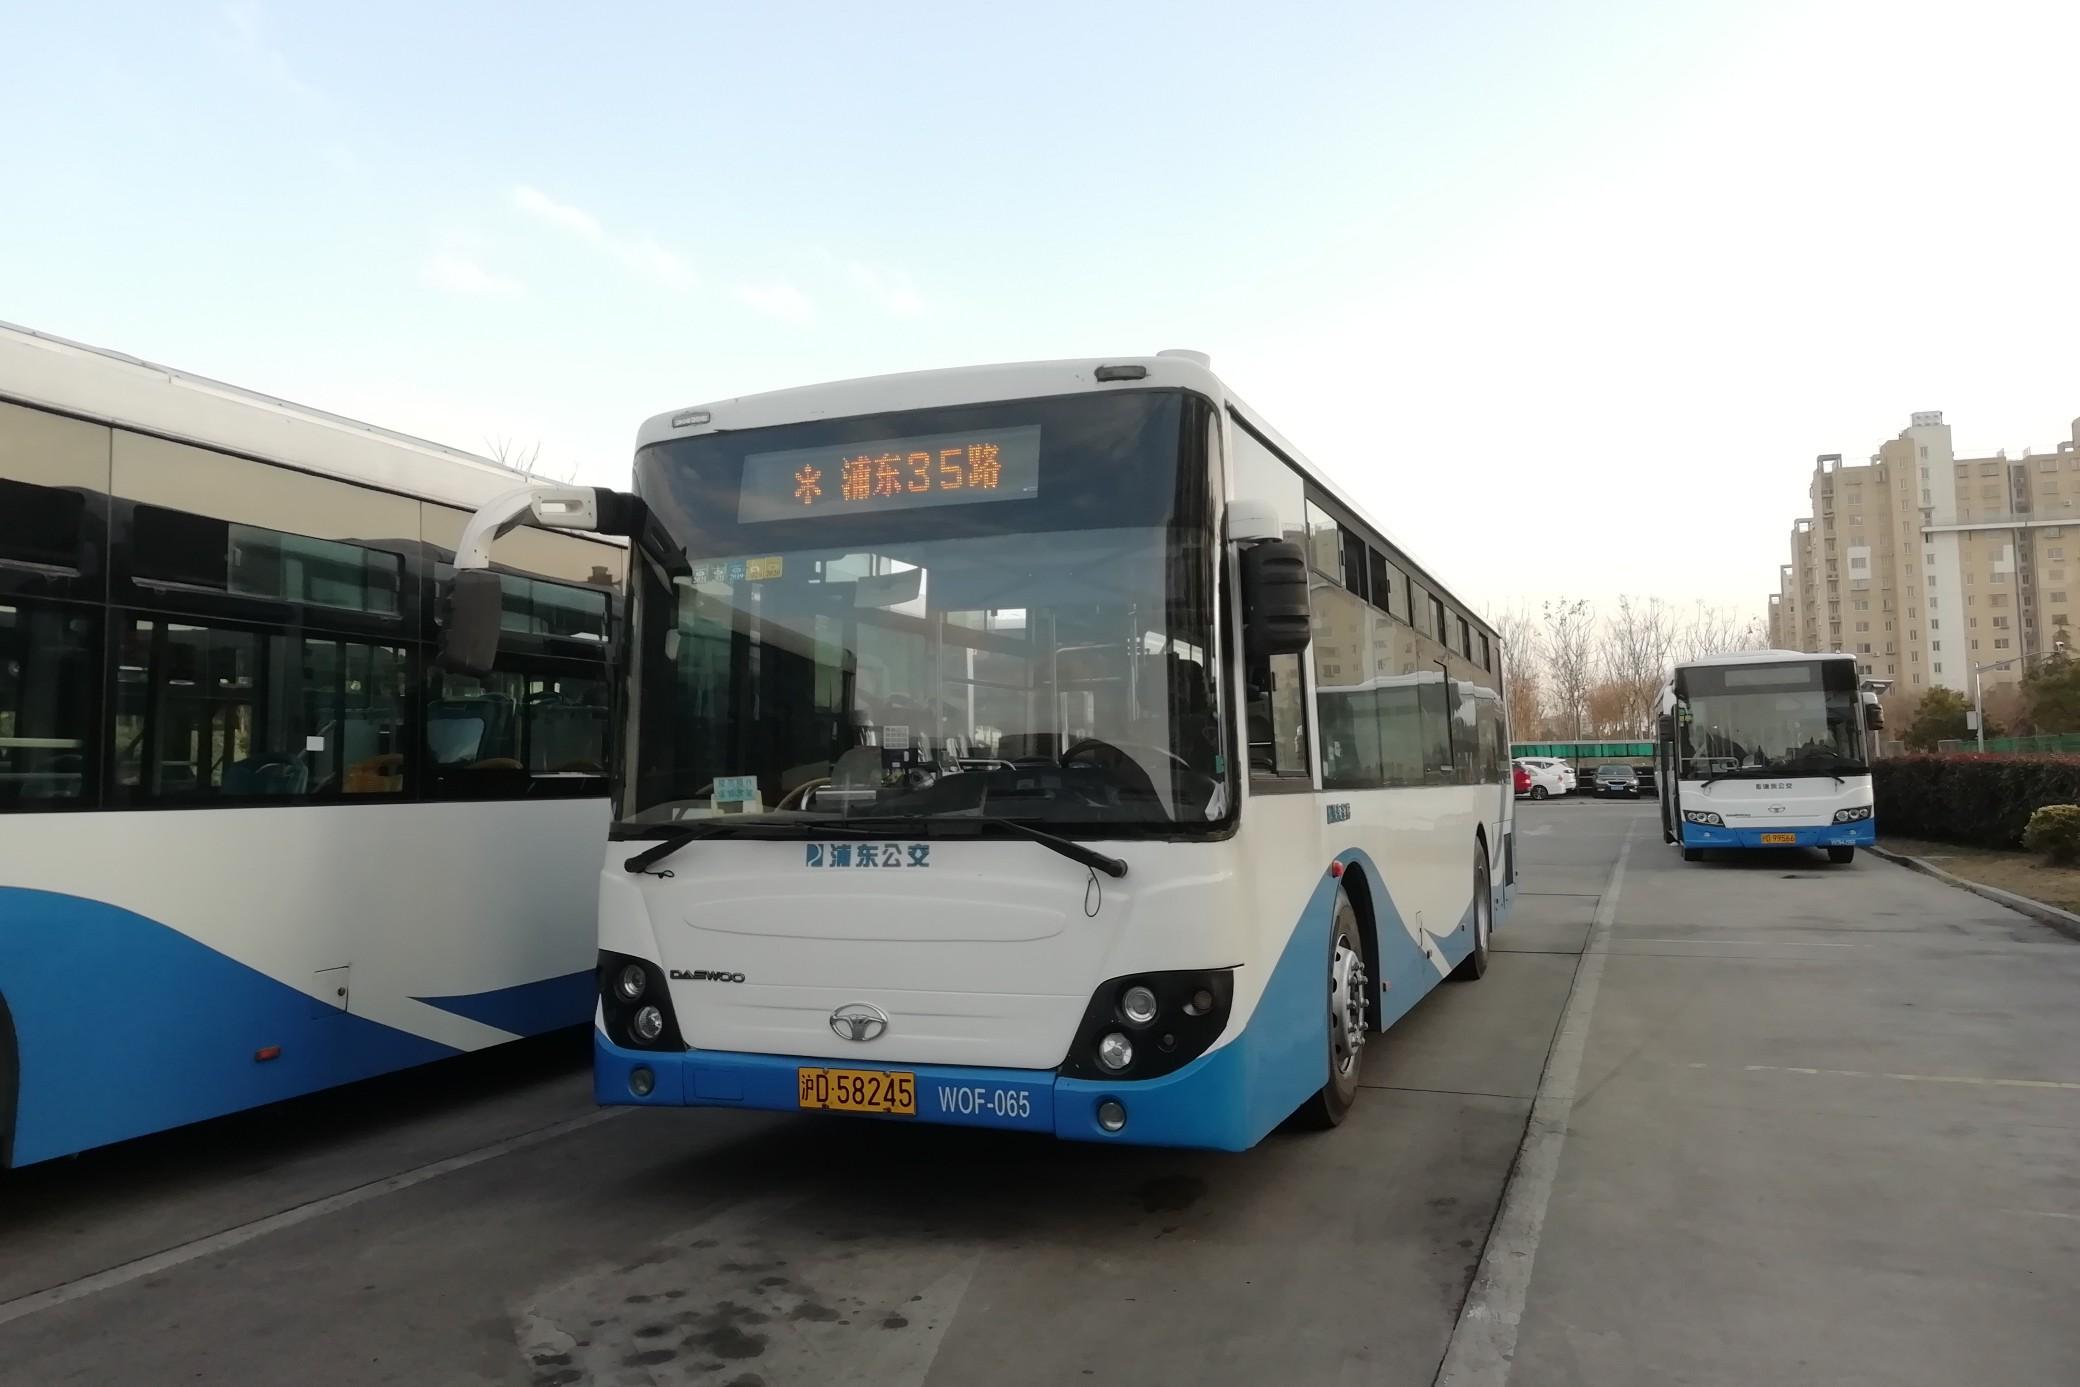 上海浦东35路公交车路线